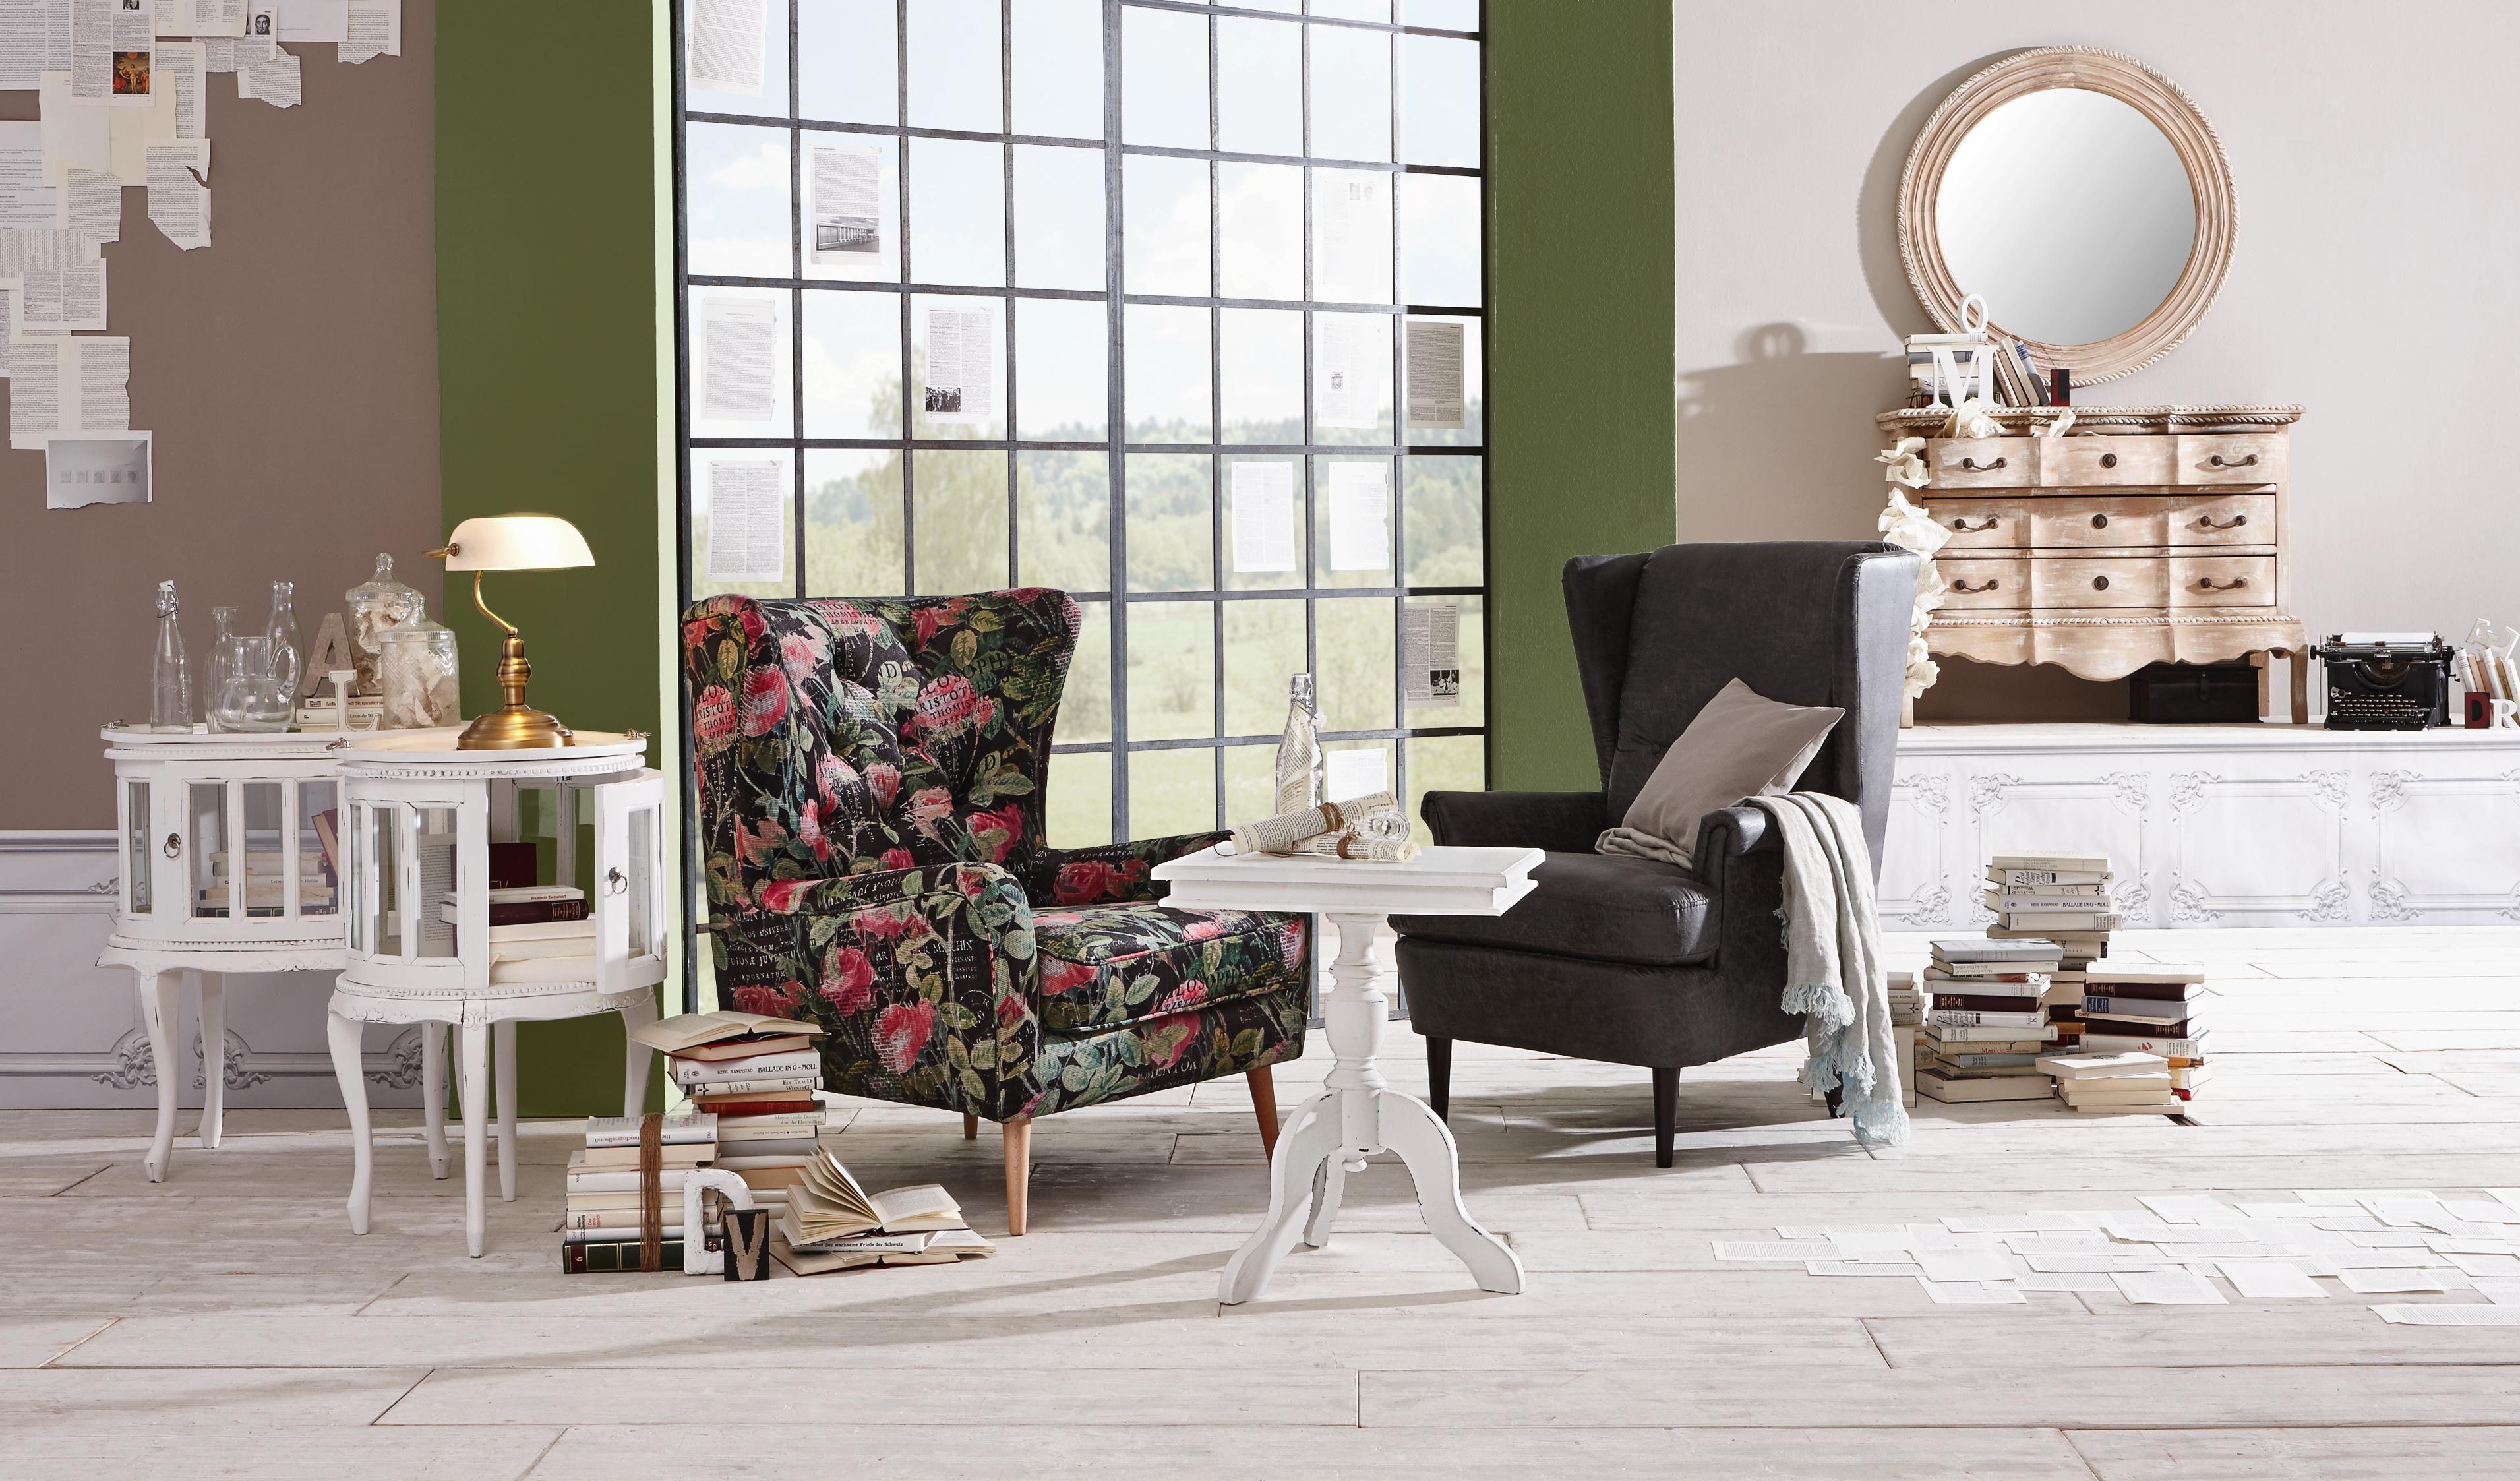 ob als vanity im eingangsbereich oder schminktisch im schlafzimmer die kommode mit passendem. Black Bedroom Furniture Sets. Home Design Ideas